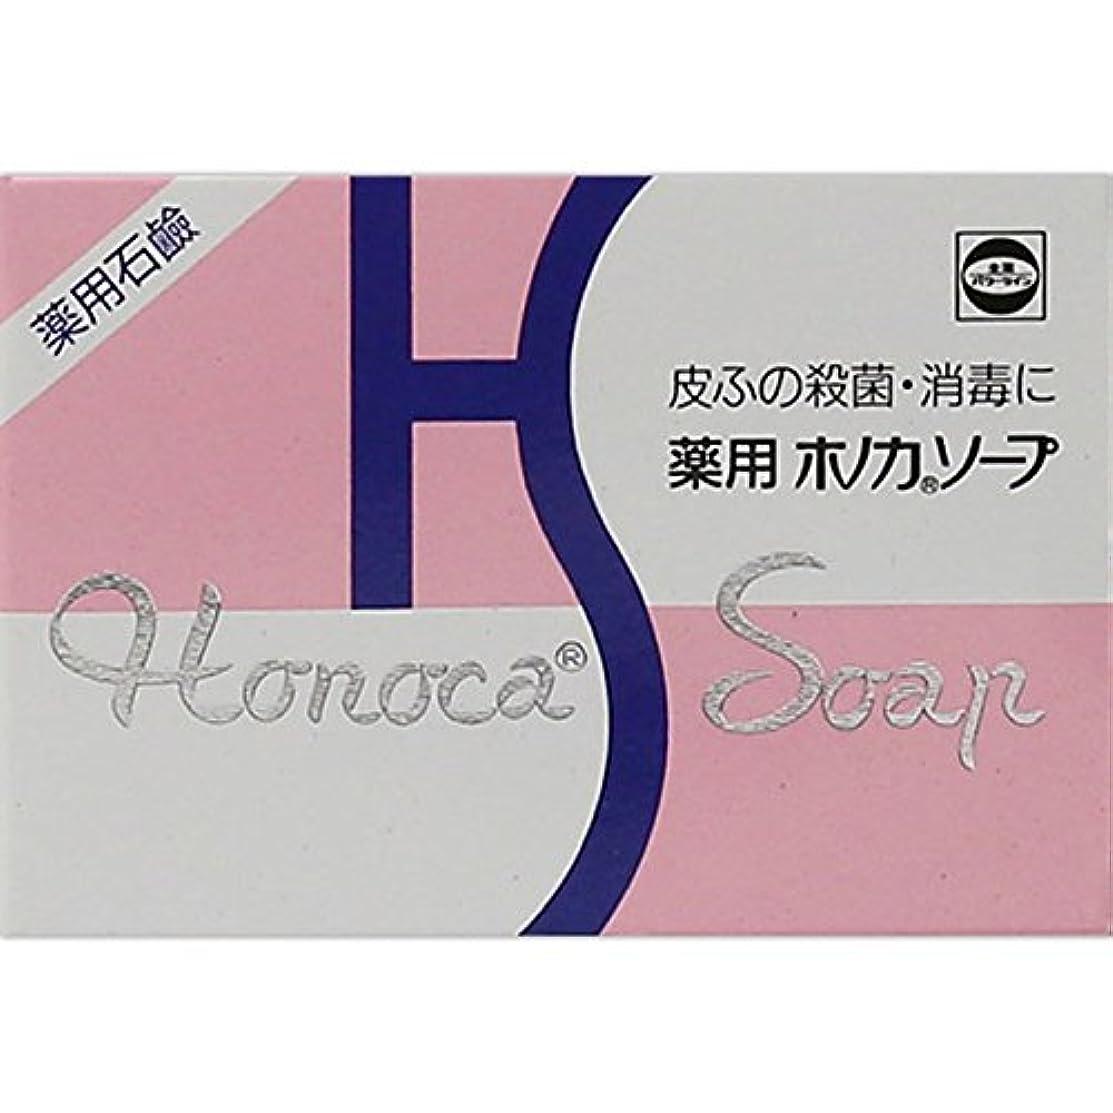 デジタル意図生薬用ホノカソープ 80g